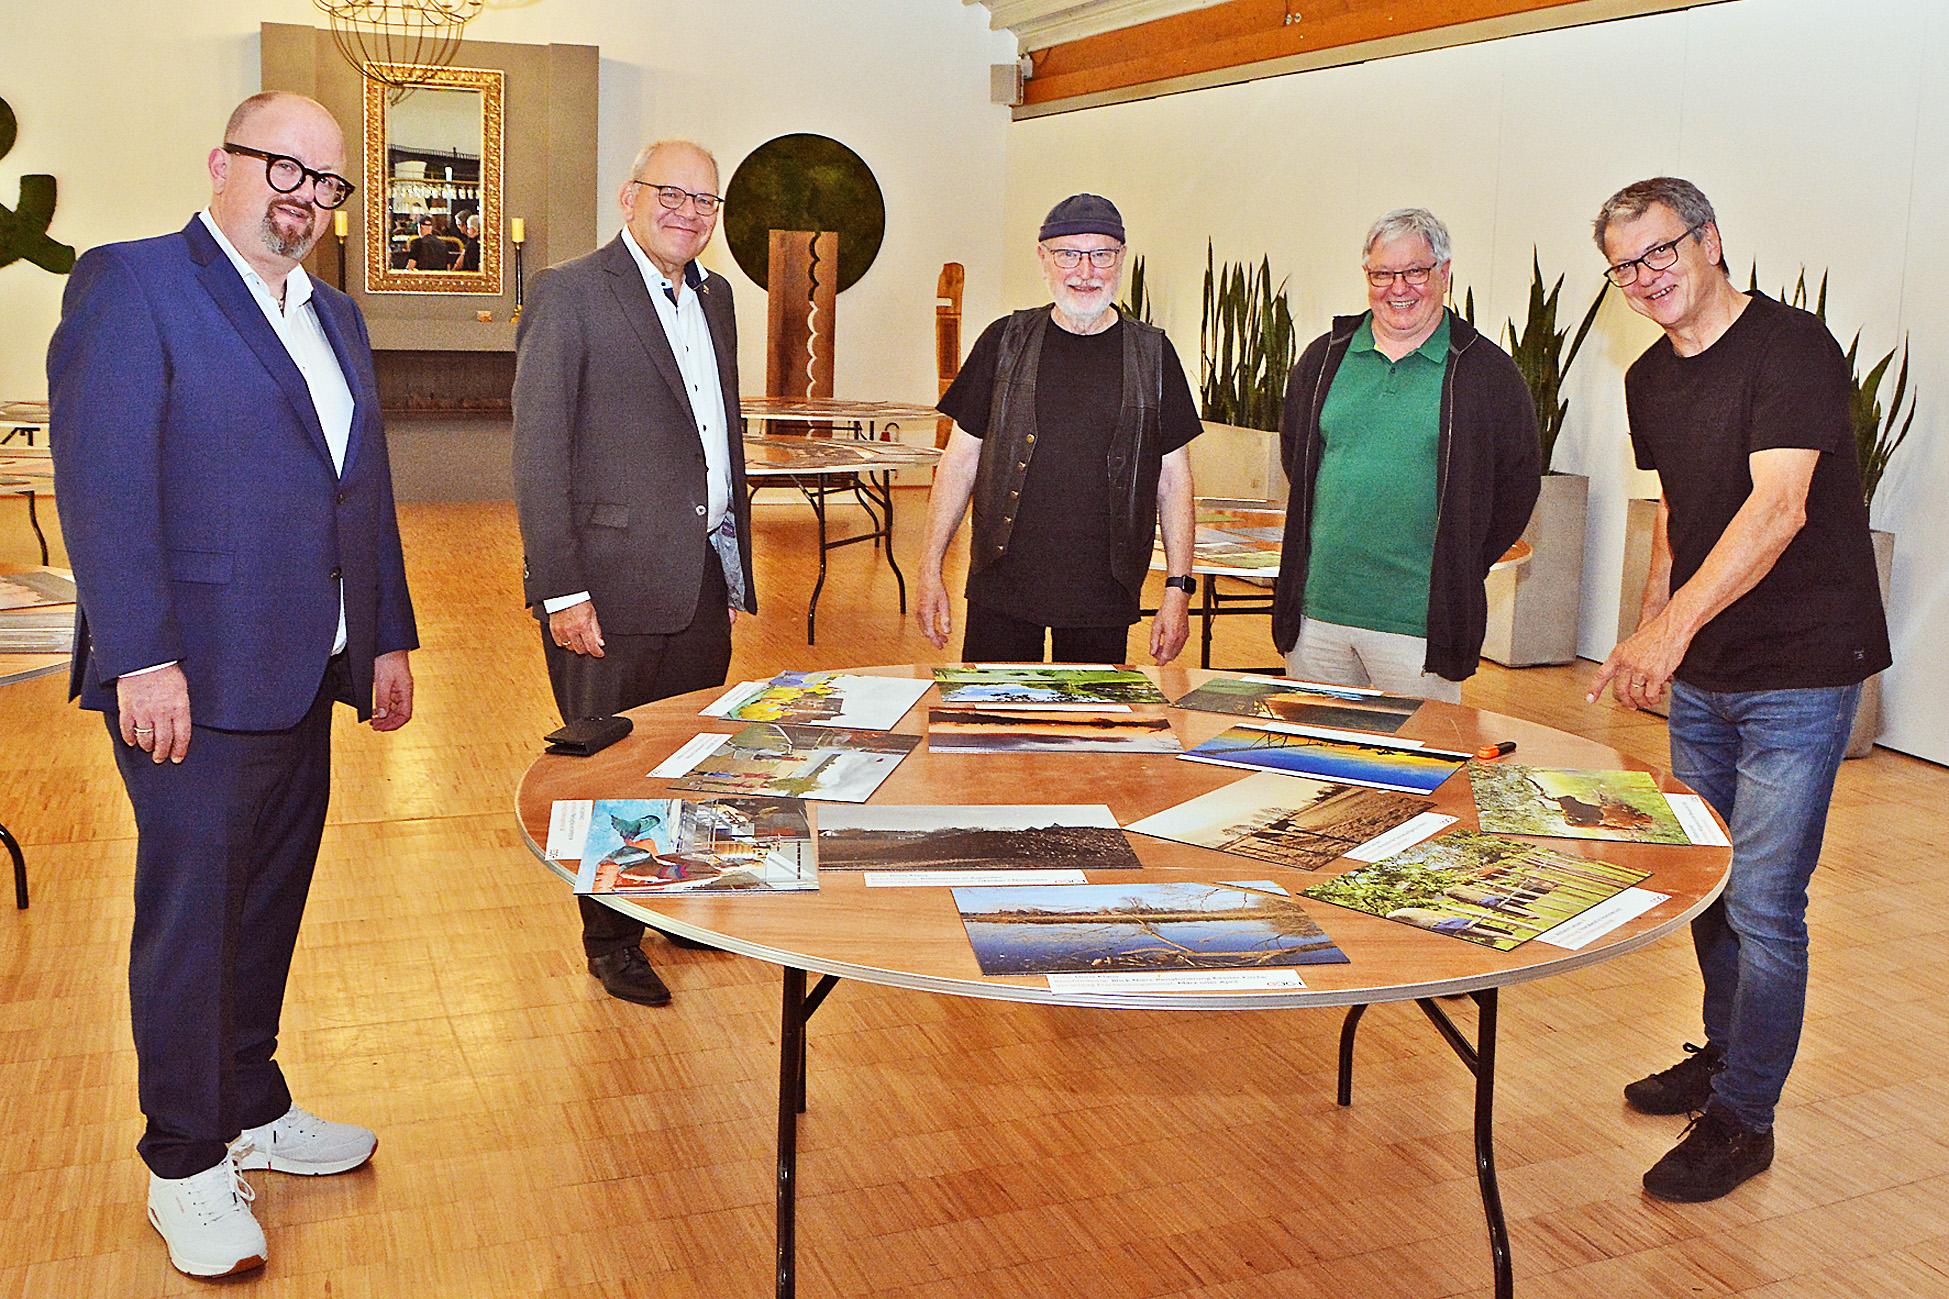 (von links): Stadtwerke Goch Geschäftsführer Carlo Marks, Gochs Bürgermeister Ulrich Knickrehm, Fotograf Steve Freienstein, Museumsleiter Dr. Stephan Mann und Franz Geib waren über die eingereichten Motive der Gocher begeistert.